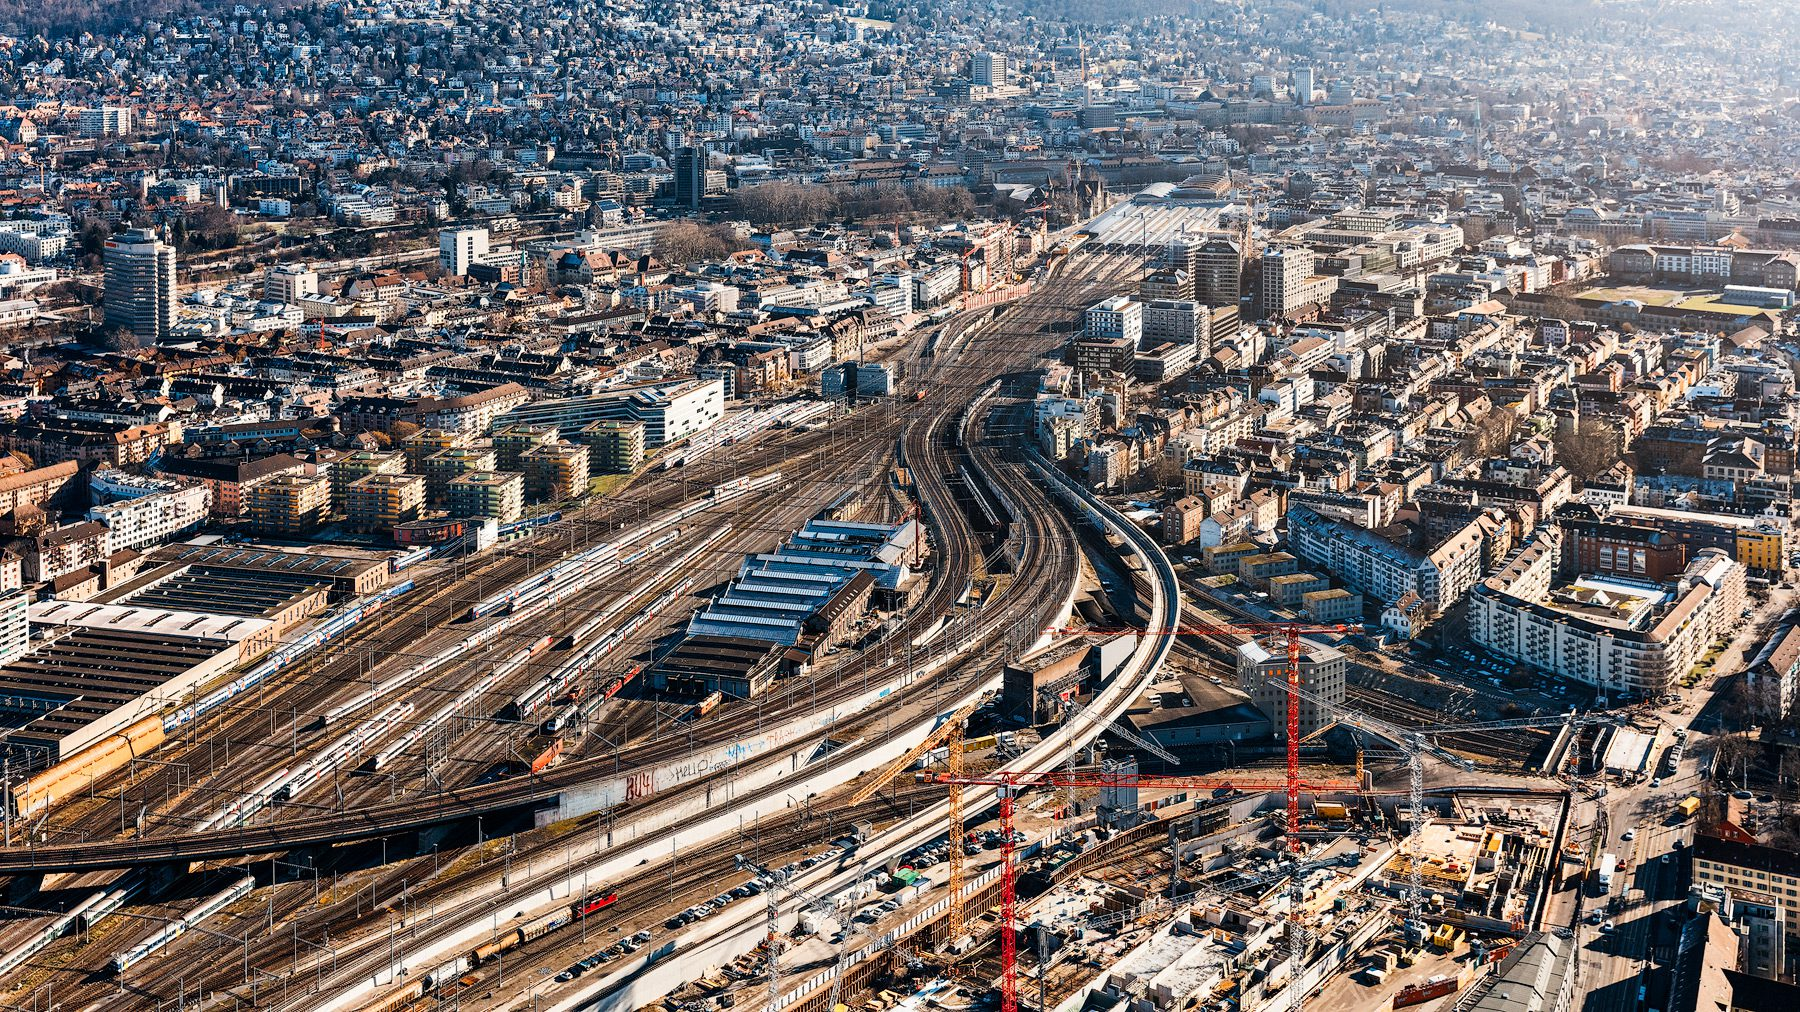 Luftaufnahme - Zürich- Bahnhof - Geleise - Letzigraben- und die Kohlendreieckbrücke